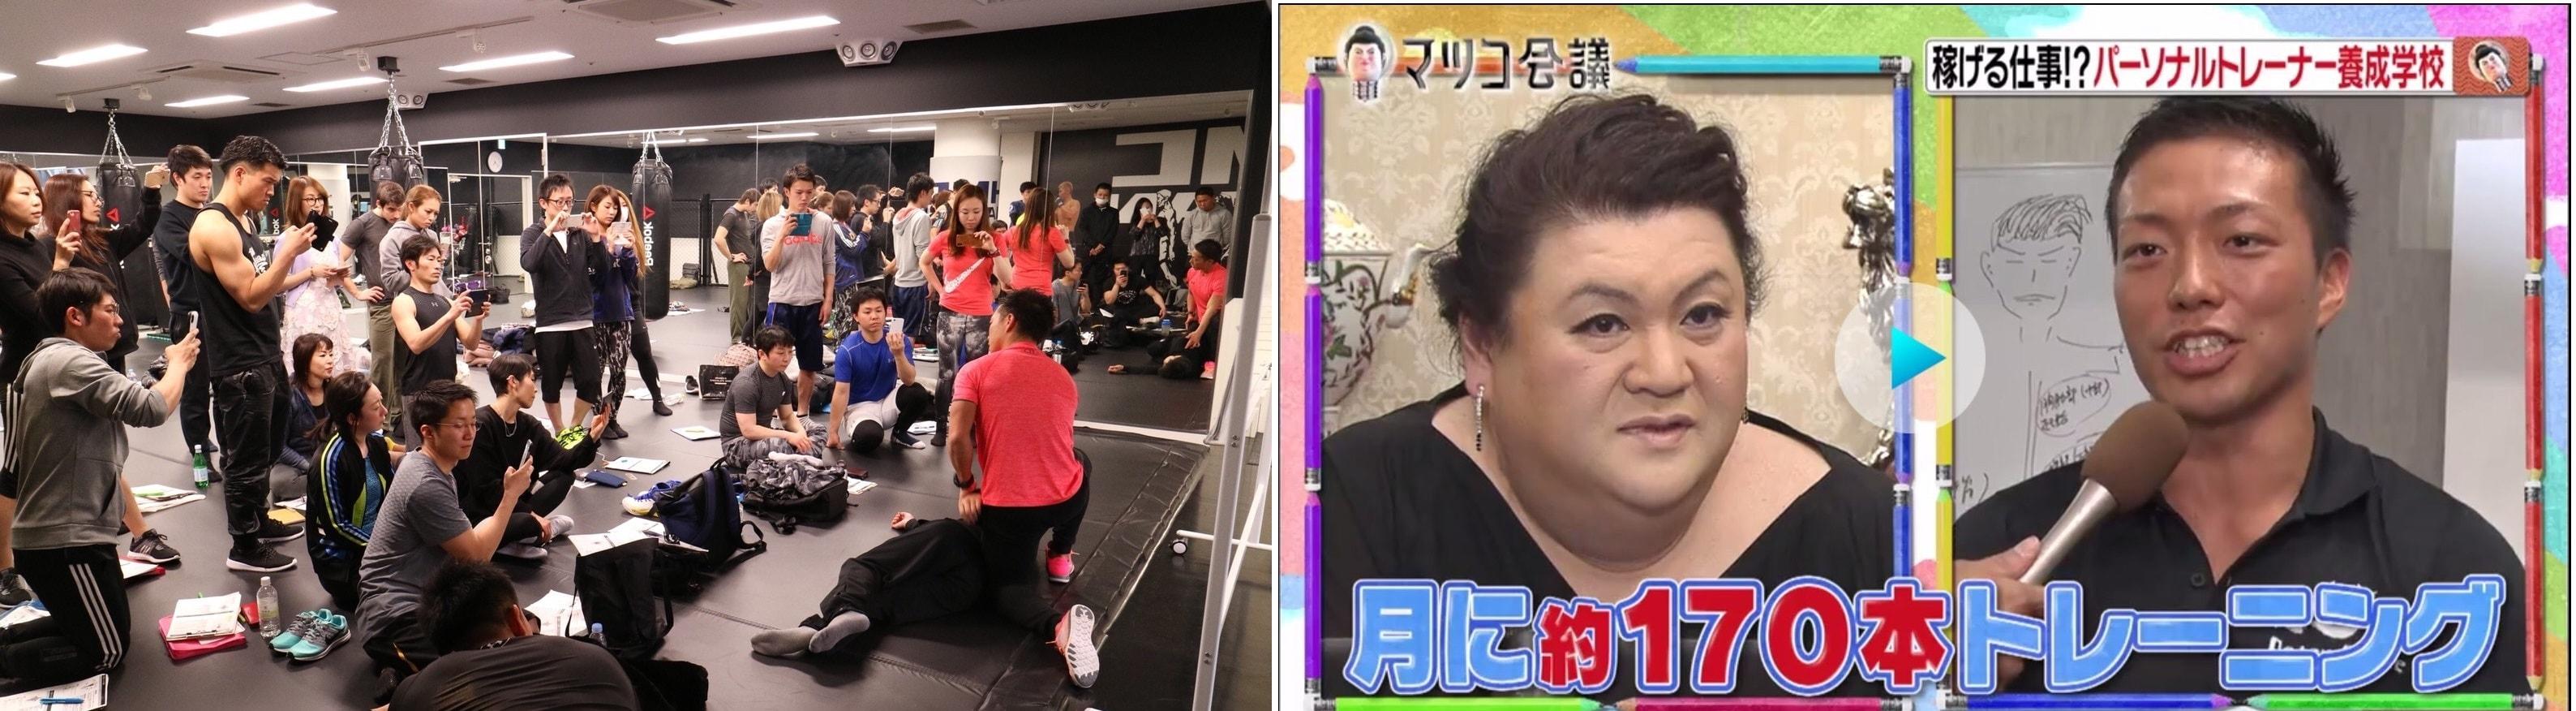 Personal Traning Gym Anfida(アンフィーダ)の特徴画像1